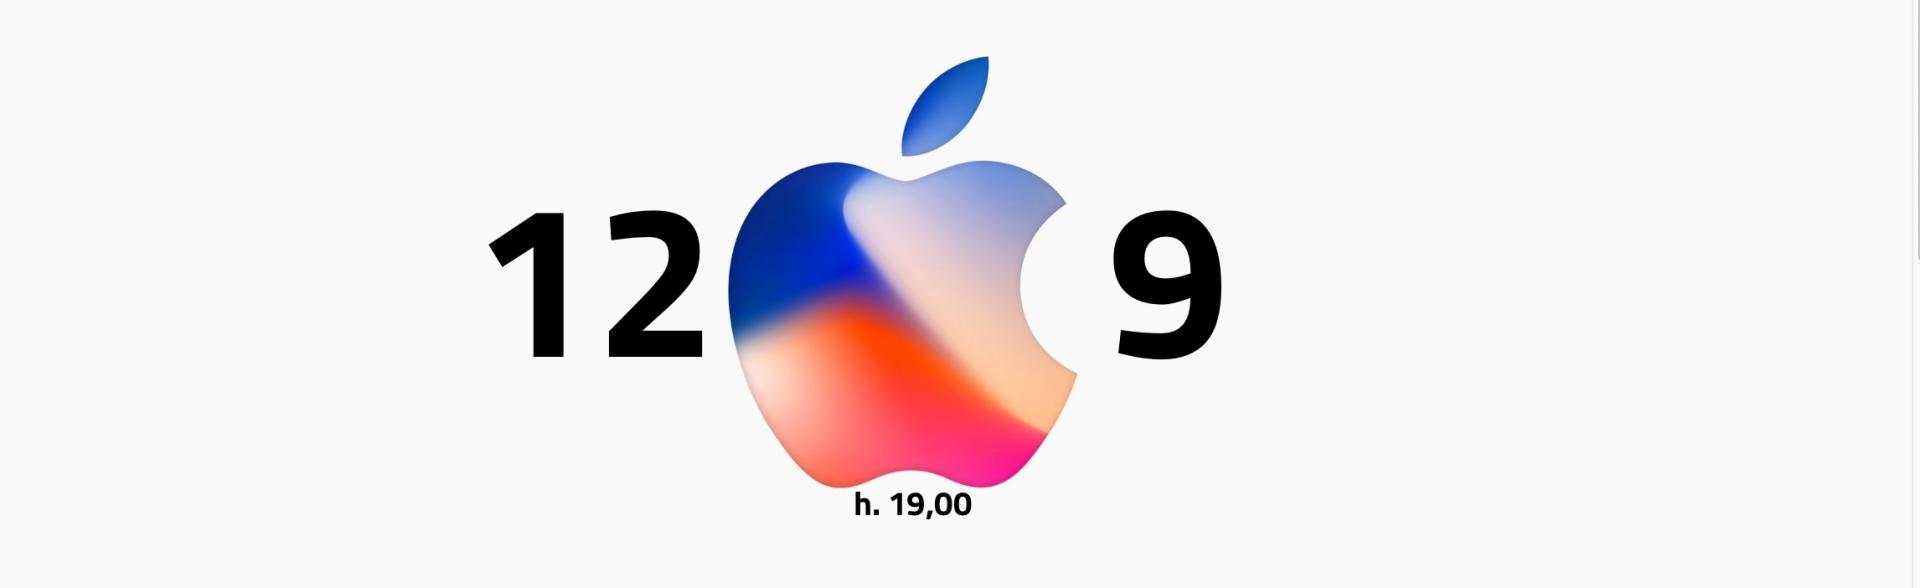 Apple Event : segui con noi la diretta streaming e social